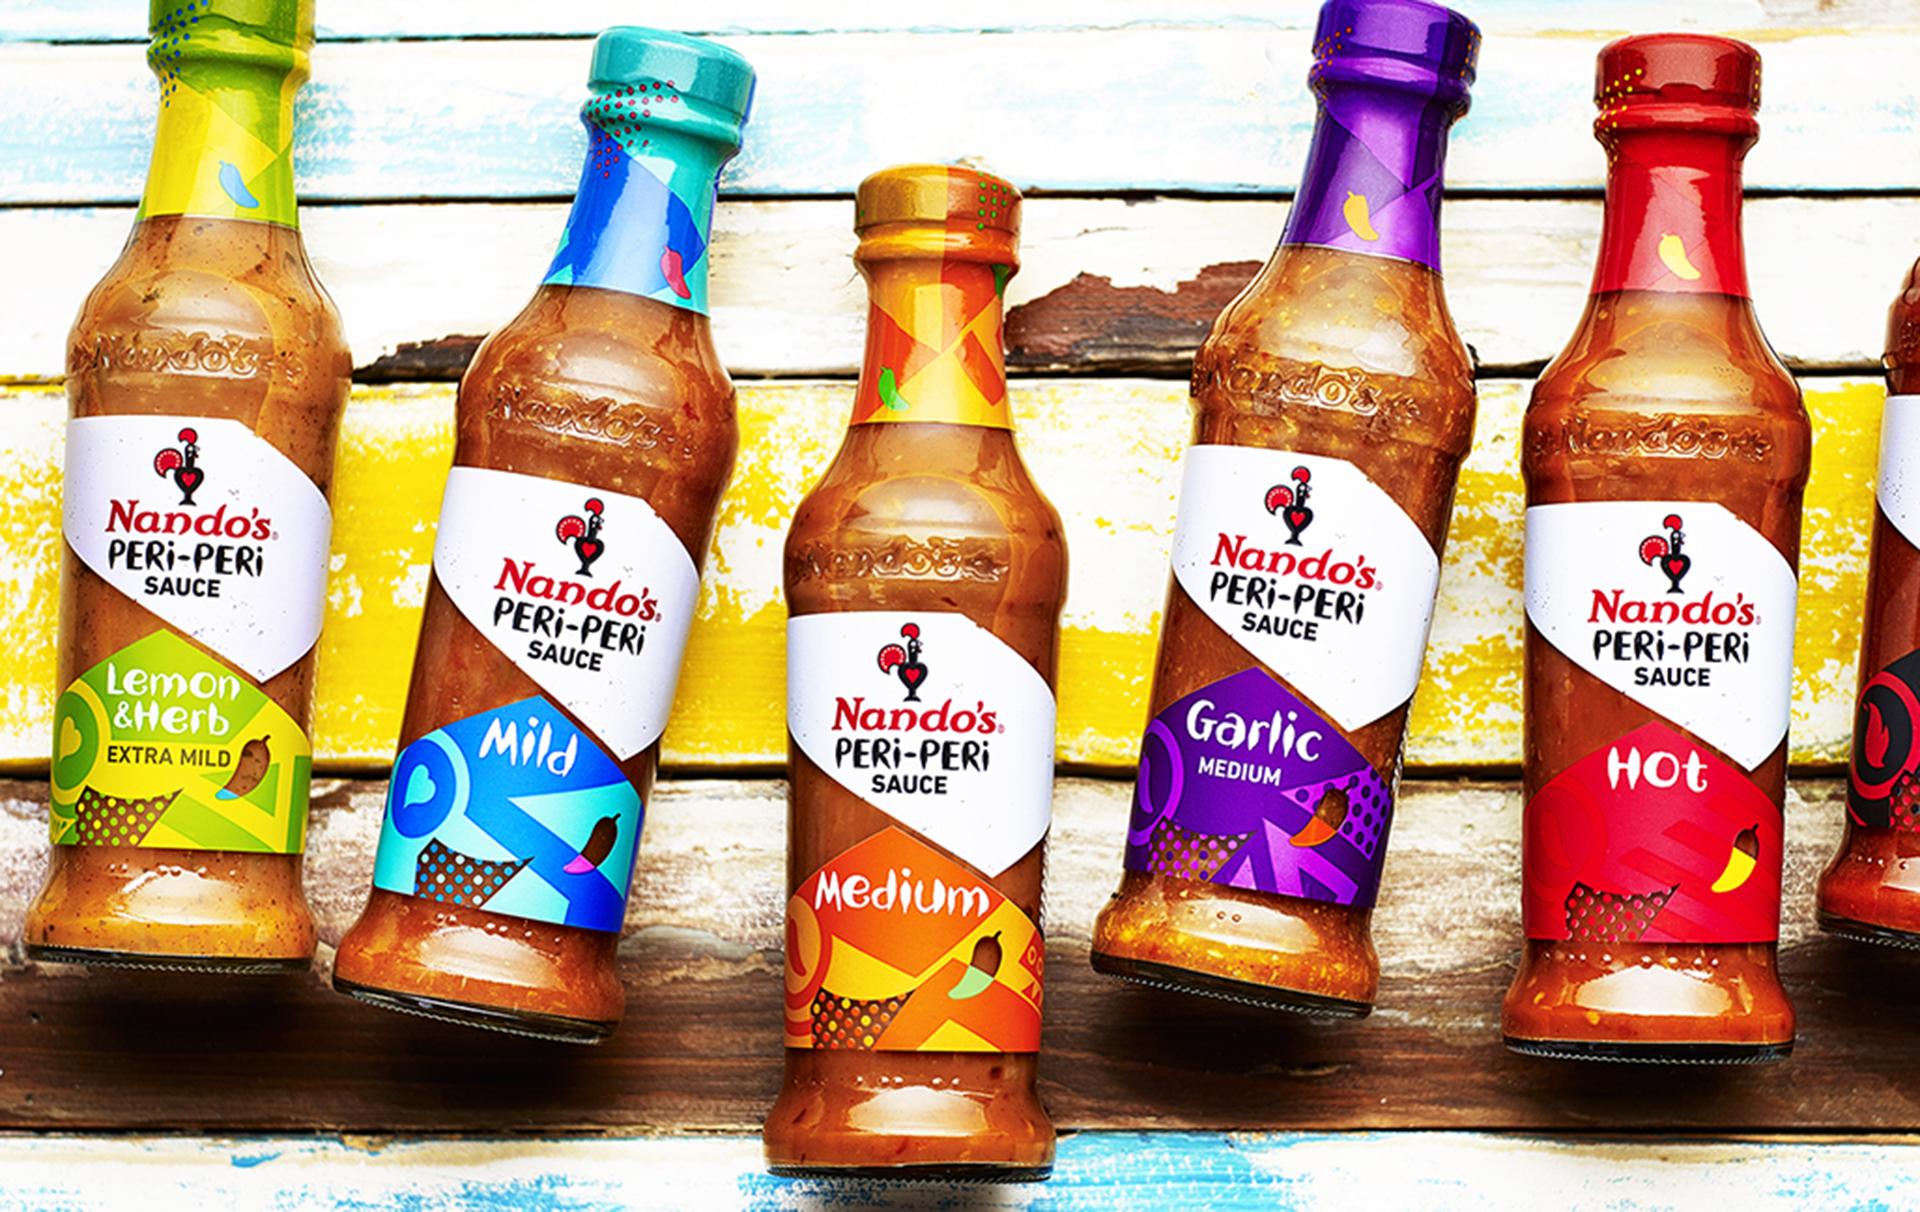 nandos free sauce bottles david